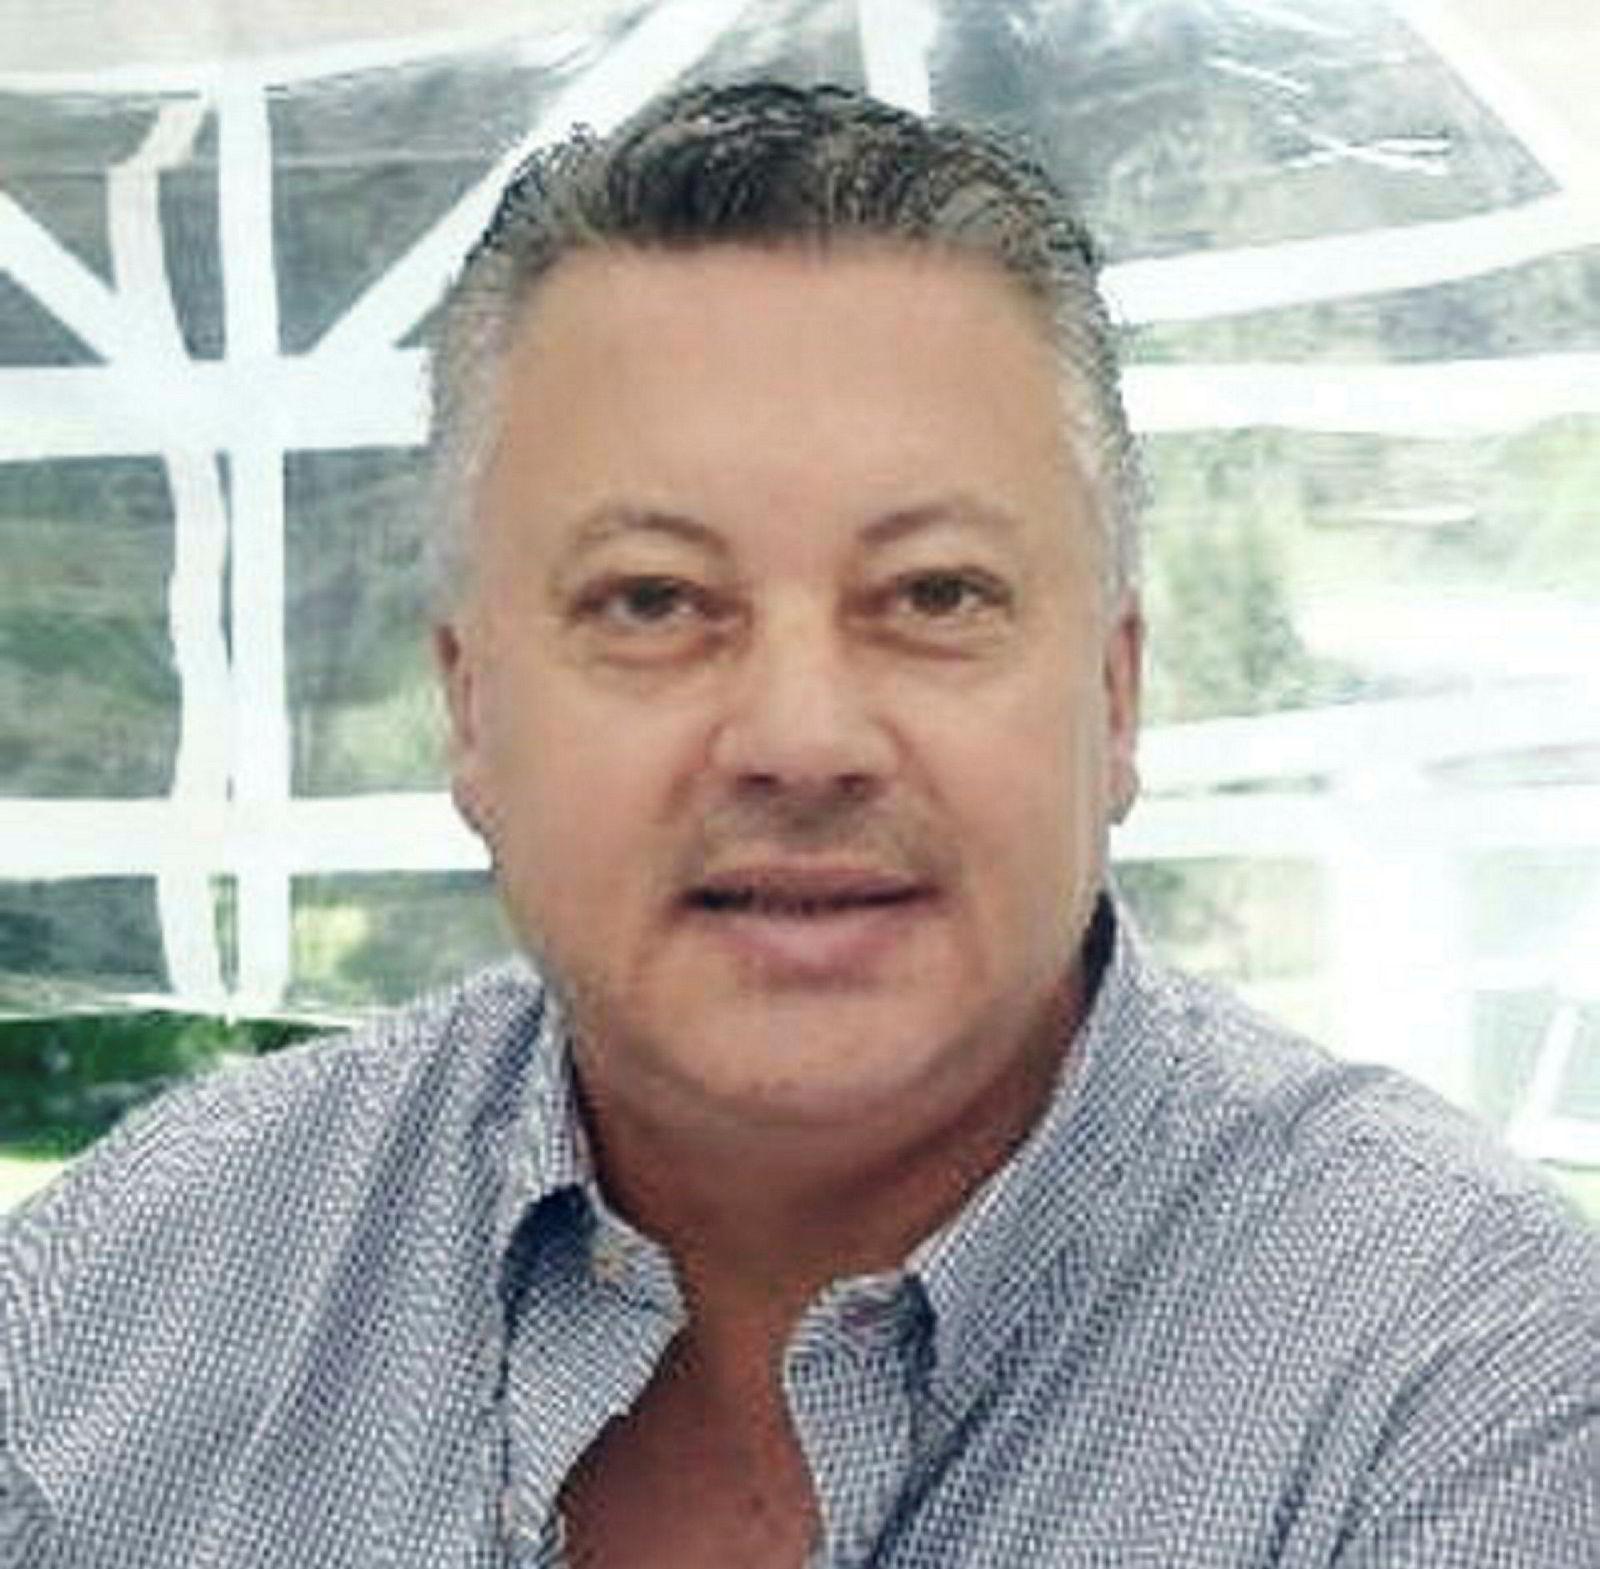 Florindo González Corral avviste å ha noe eierskap til «Thunder», men spanske myndigheter er ikke i tvil.